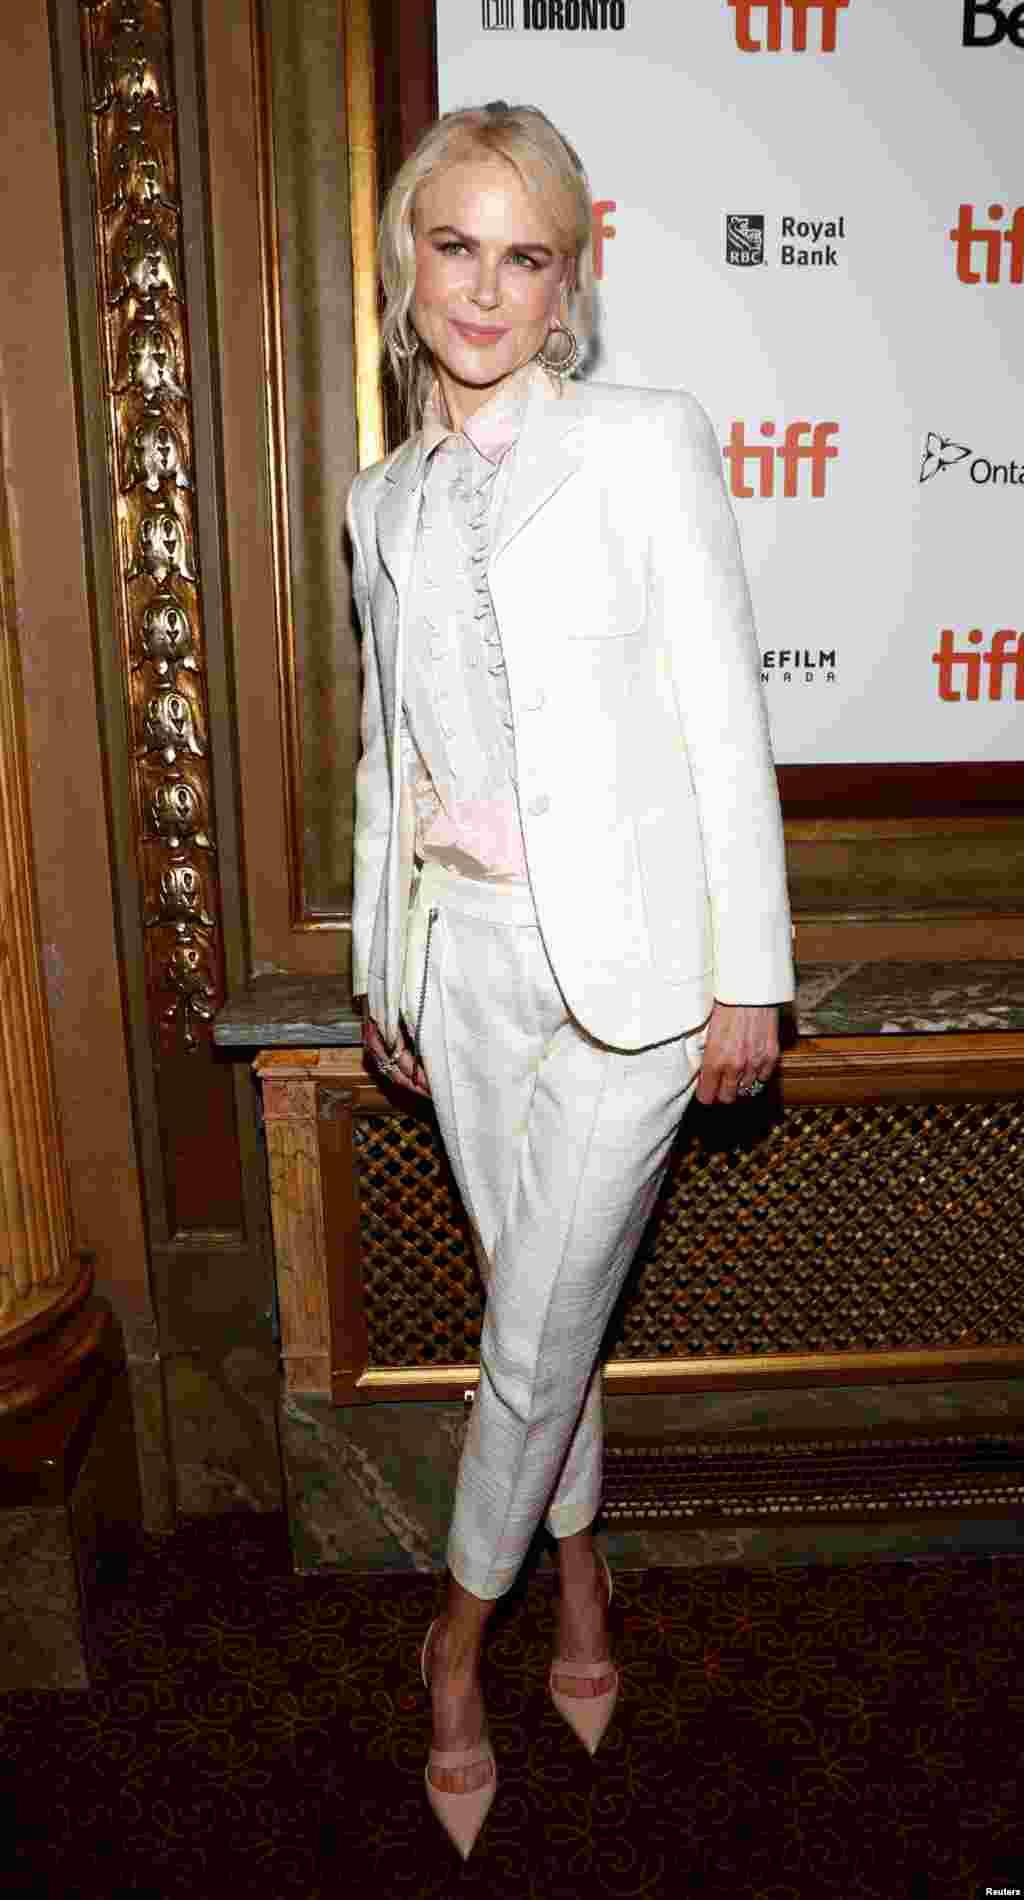 حضور نیکول کیدمن، بازیگر هالیوود در جشنواره بین المللی فیلم تورنتو